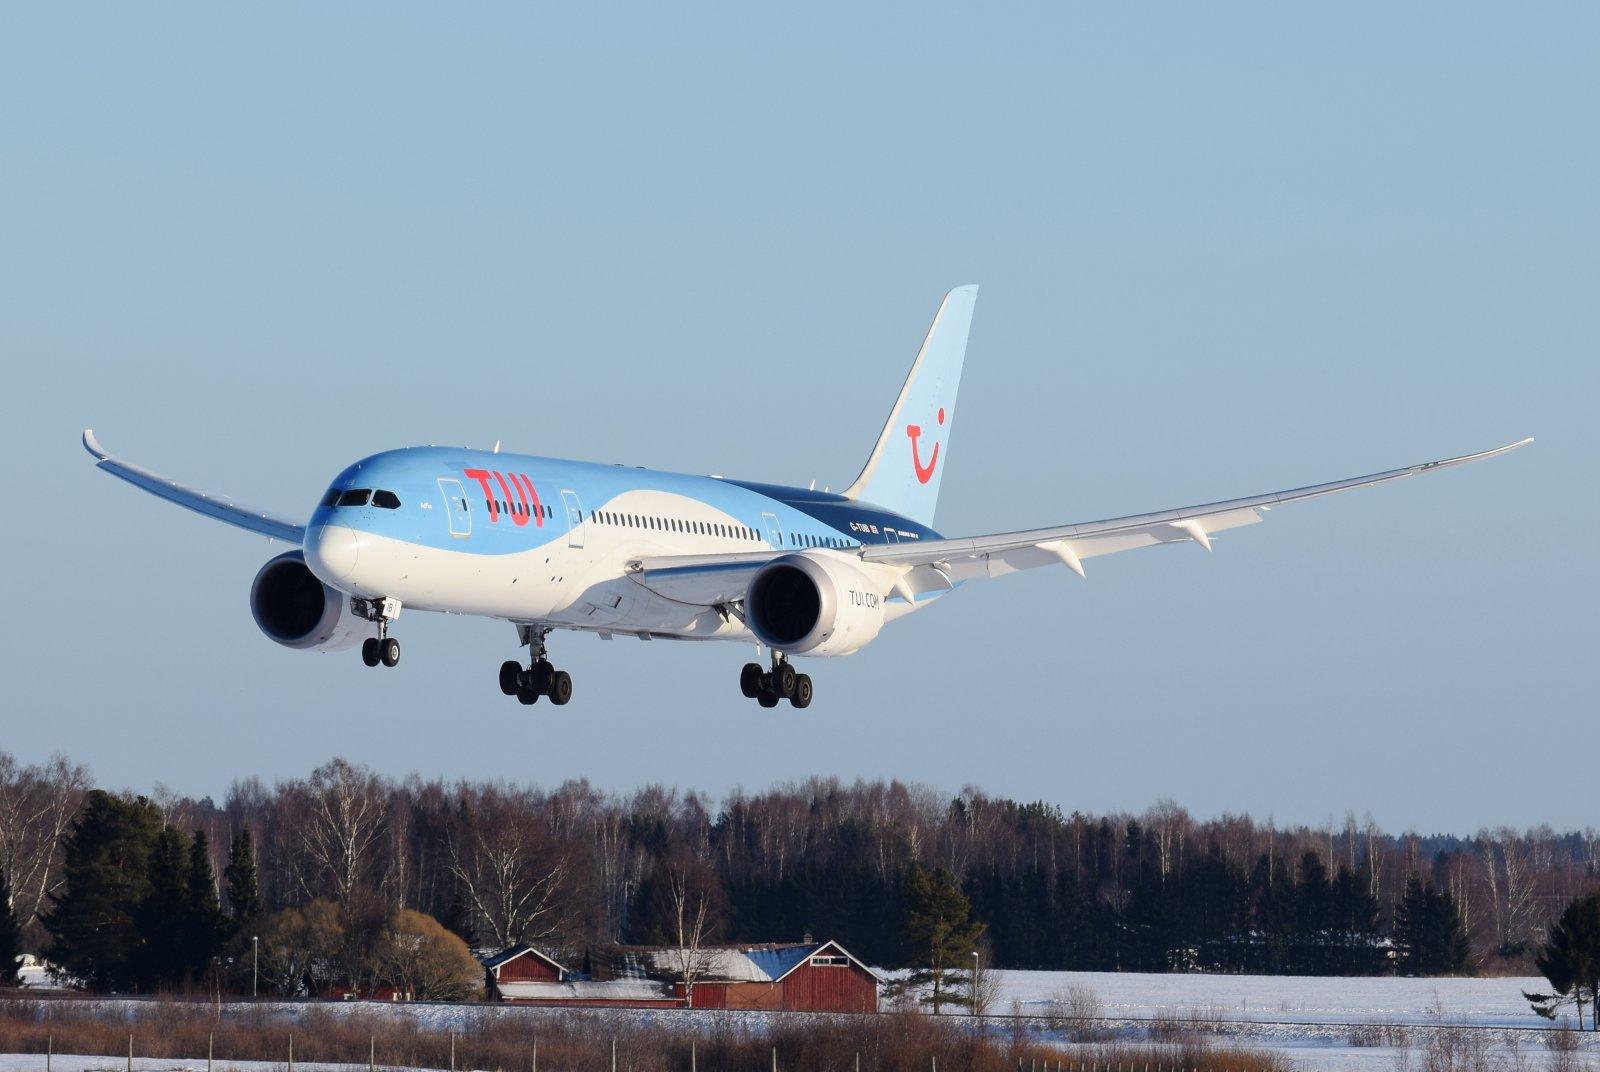 G-TUIB - Boeing 787-8 - TUI - 12.3.2019